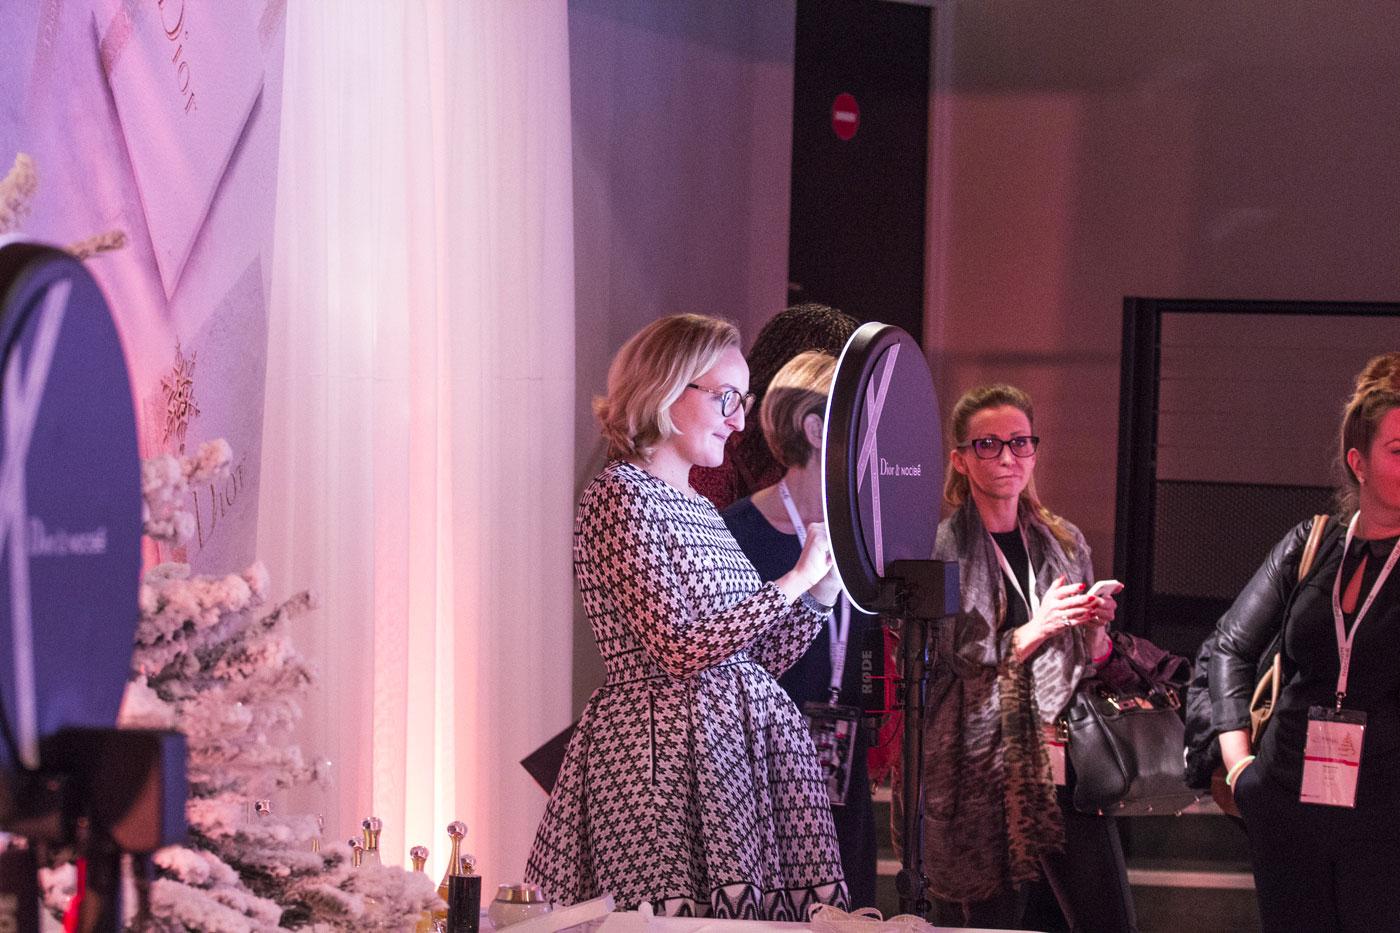 Une femme se prend en photo avec le photomaton de Josepho personnalisé Dior & Nocibé pour l'événement.